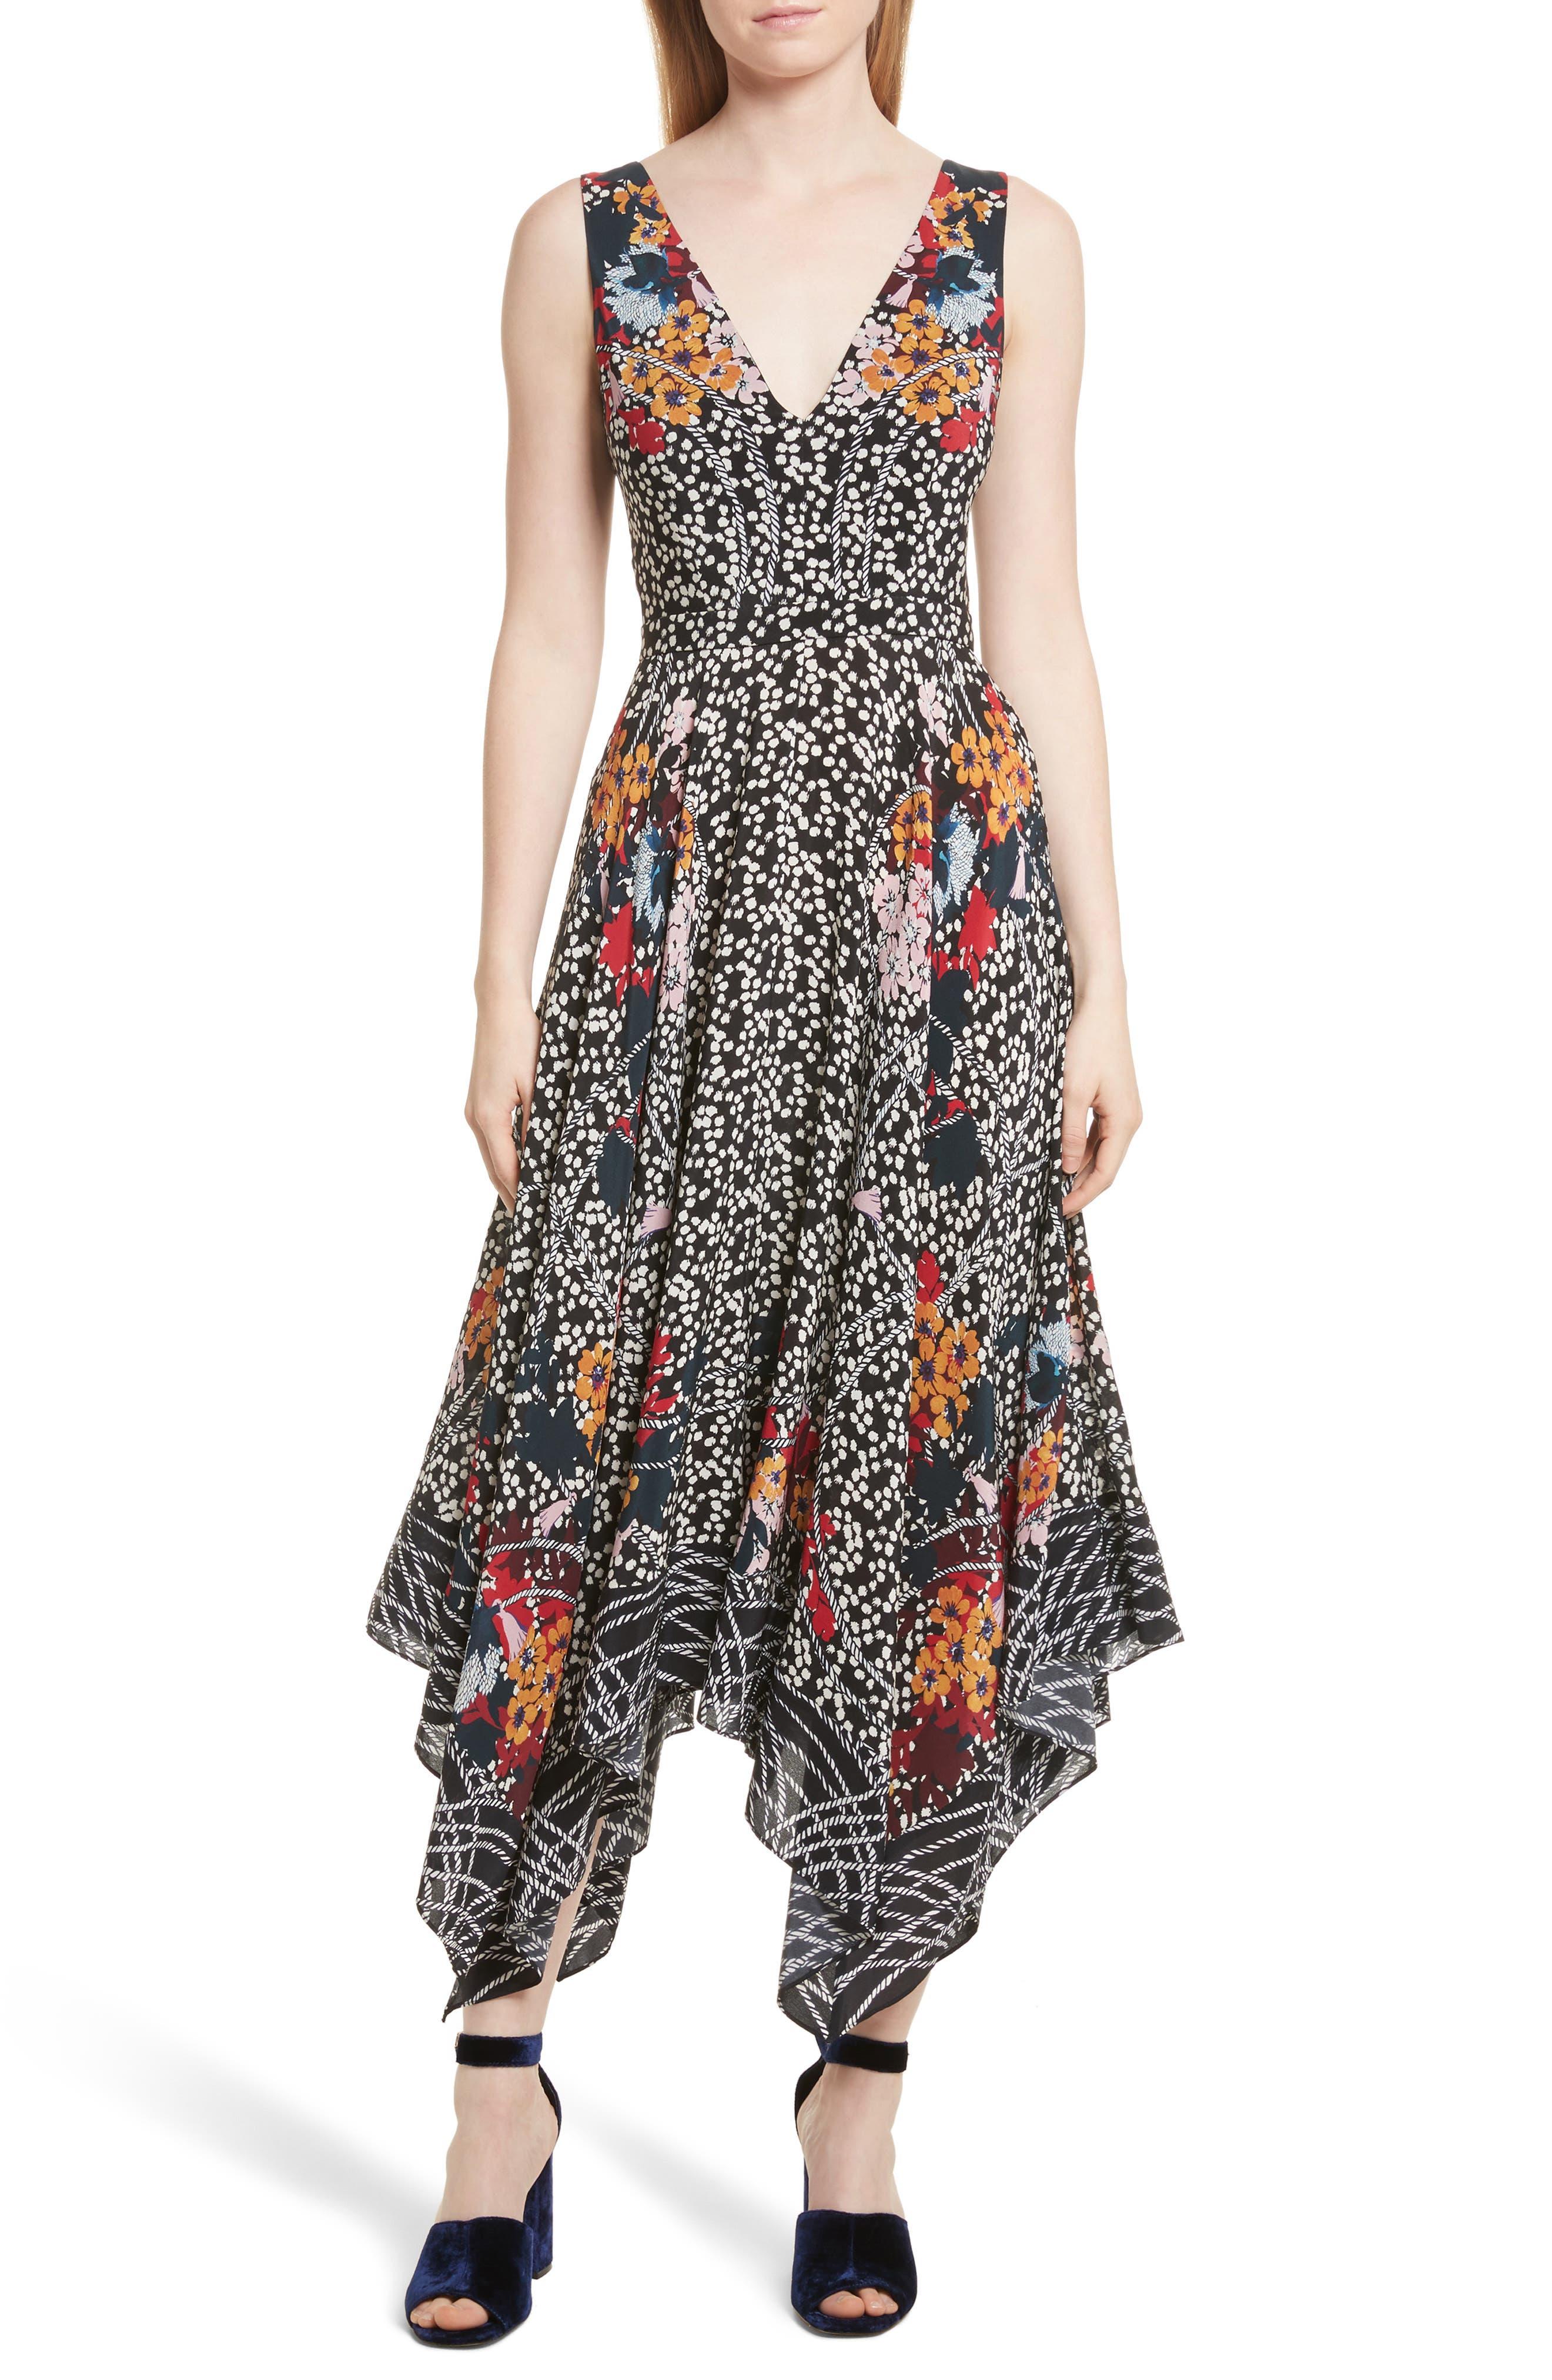 Main Image - SALONI Zuri Floral Print Dress